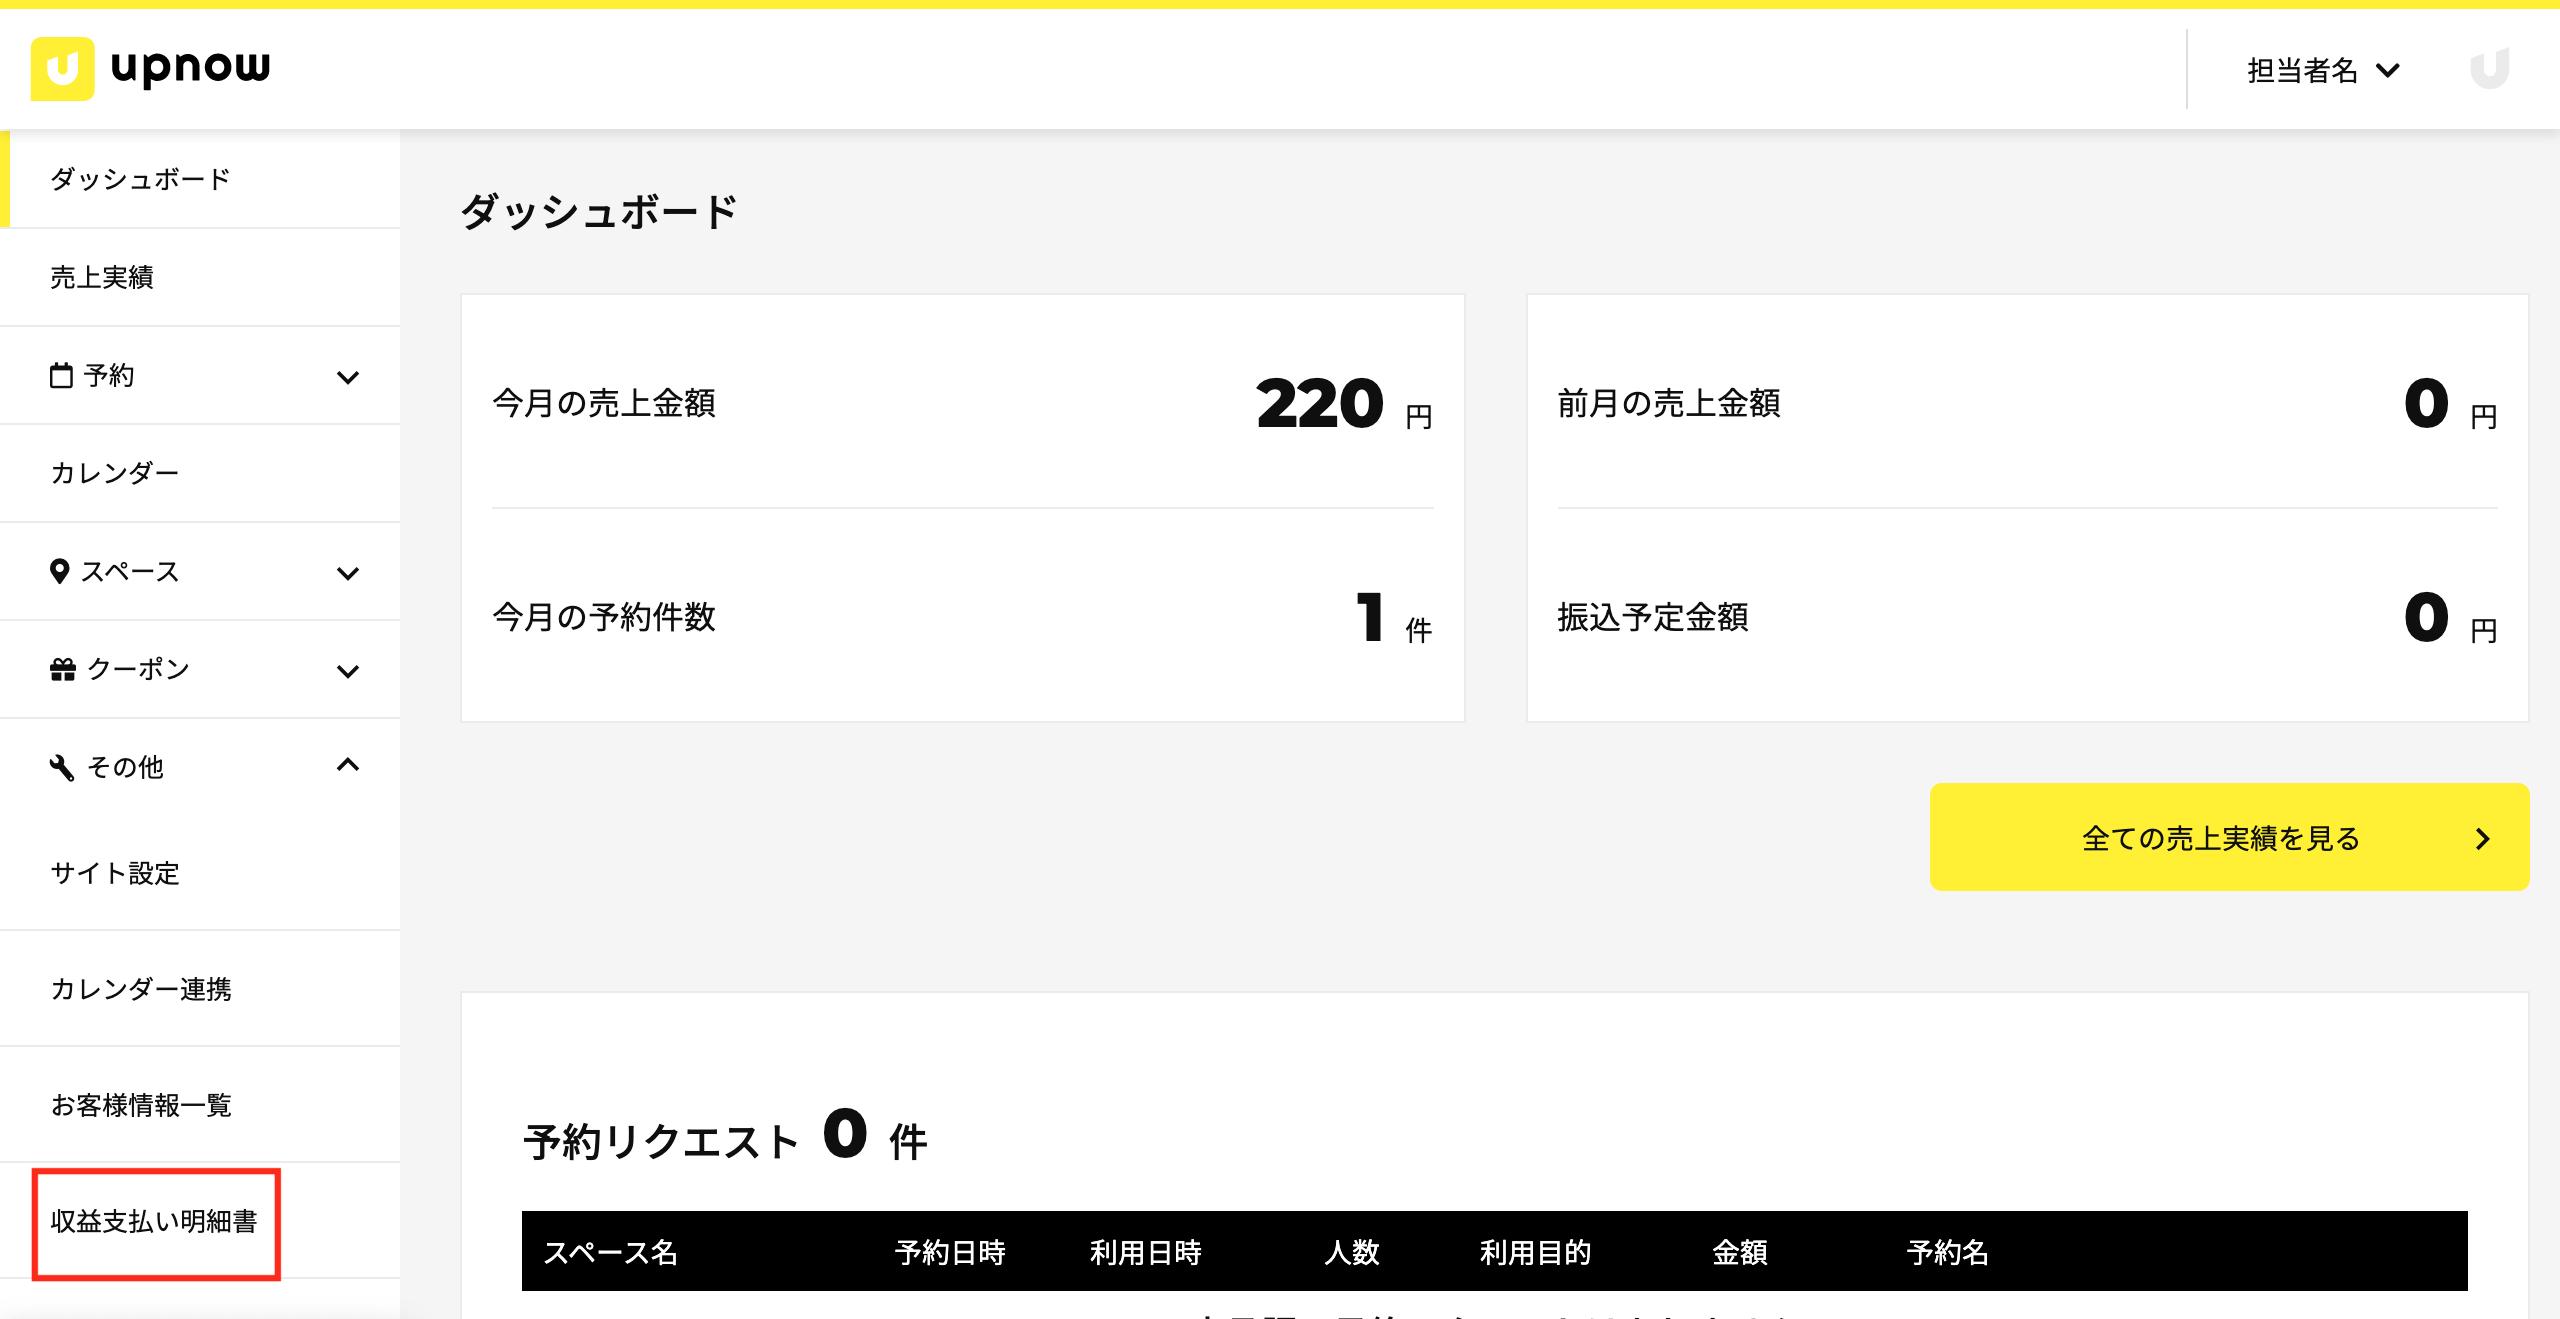 スクリーンショット 2020-04-16 11.16.35.png